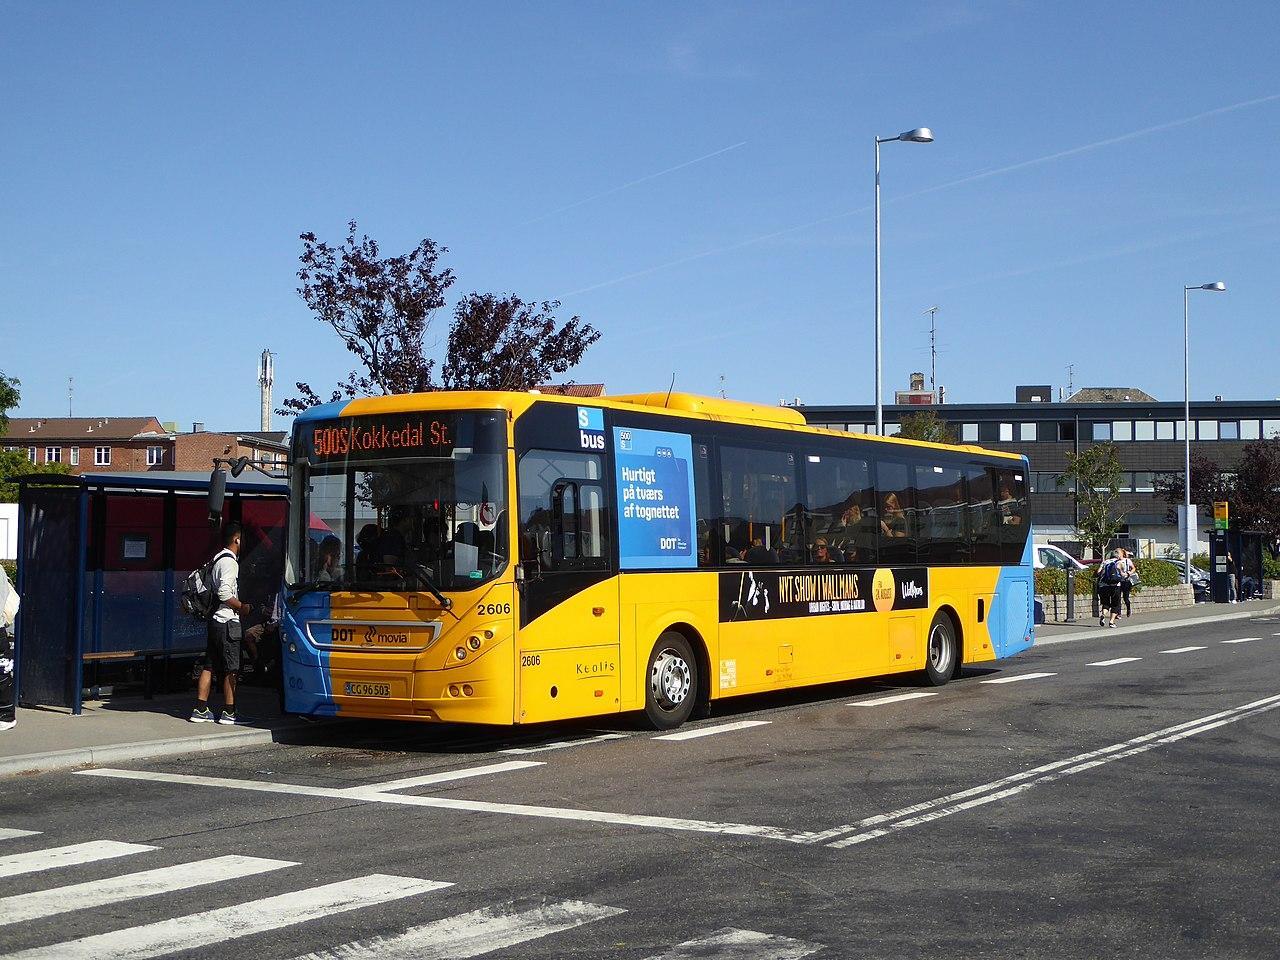 bus 640 køreplan